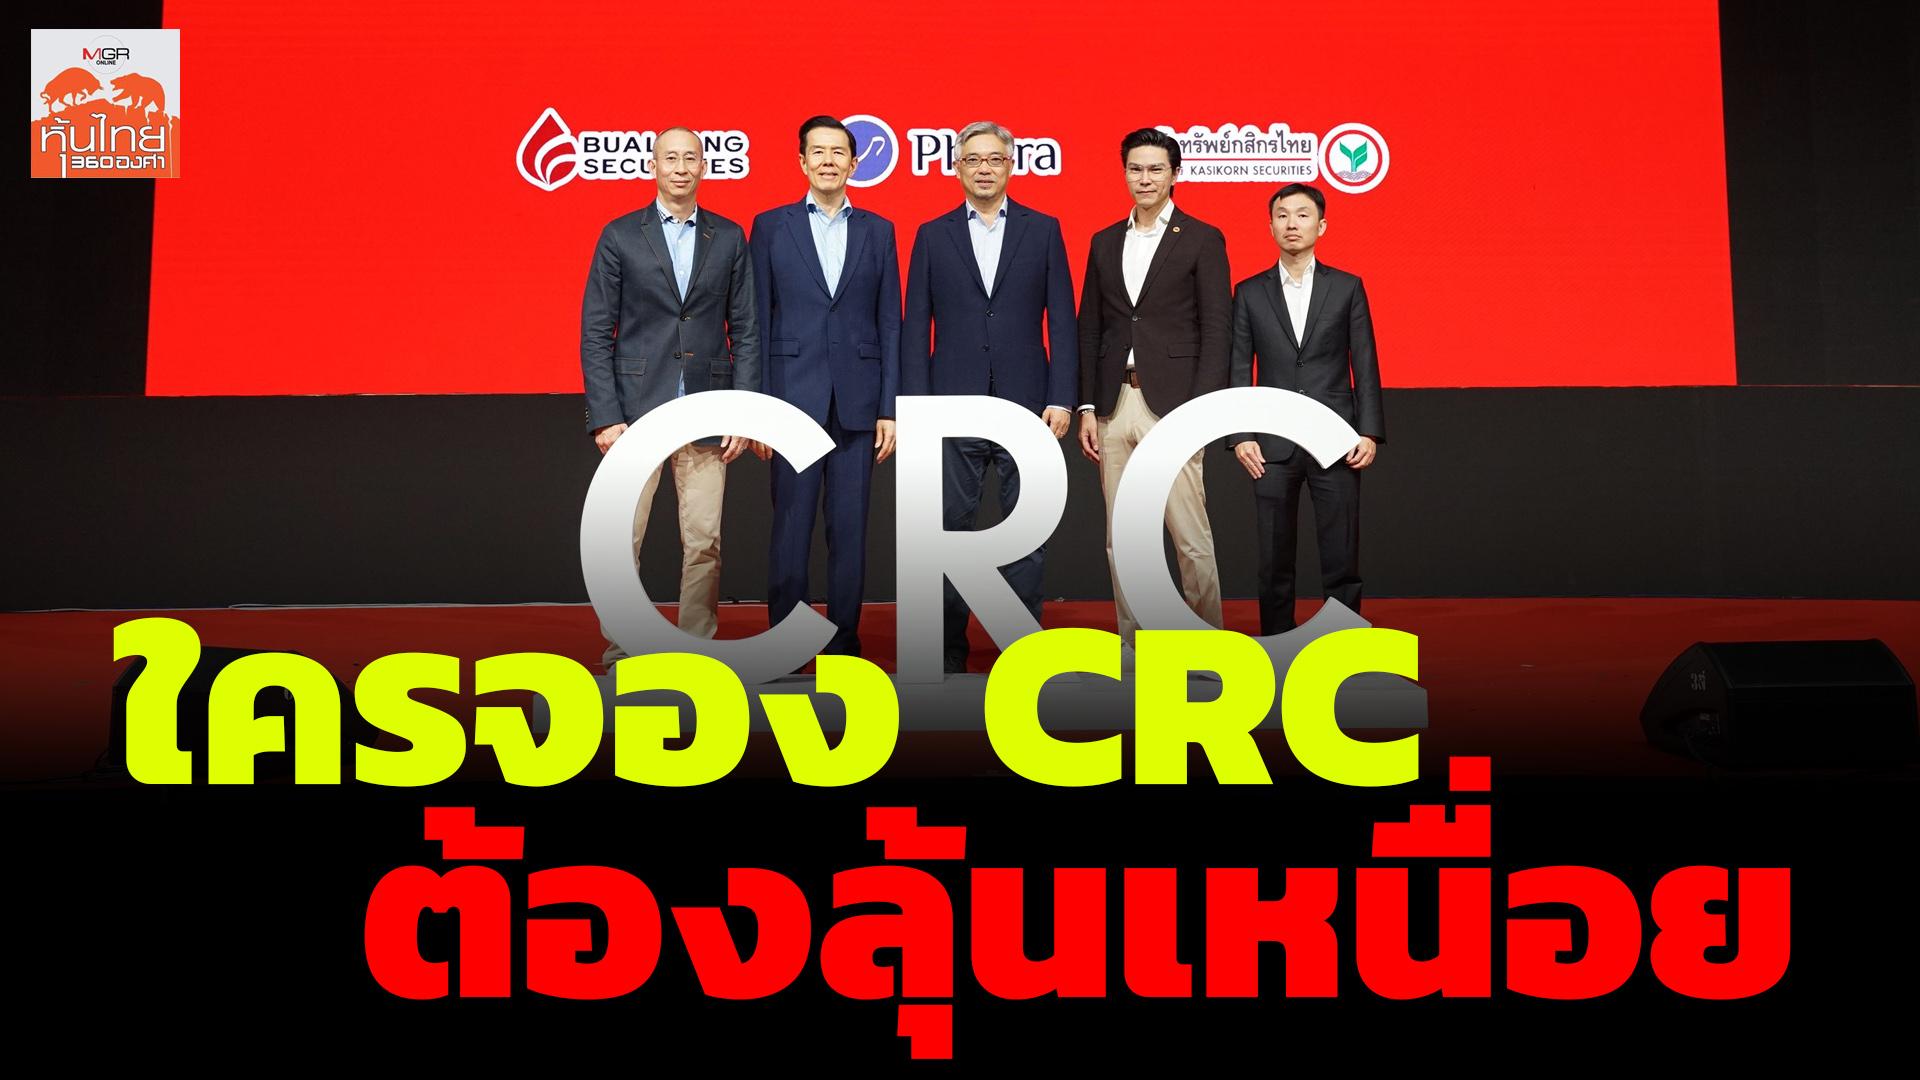 ใครจอง CRC ต้องลุ้นเหนื่อย / สุนันท์ ศรีจันทรา